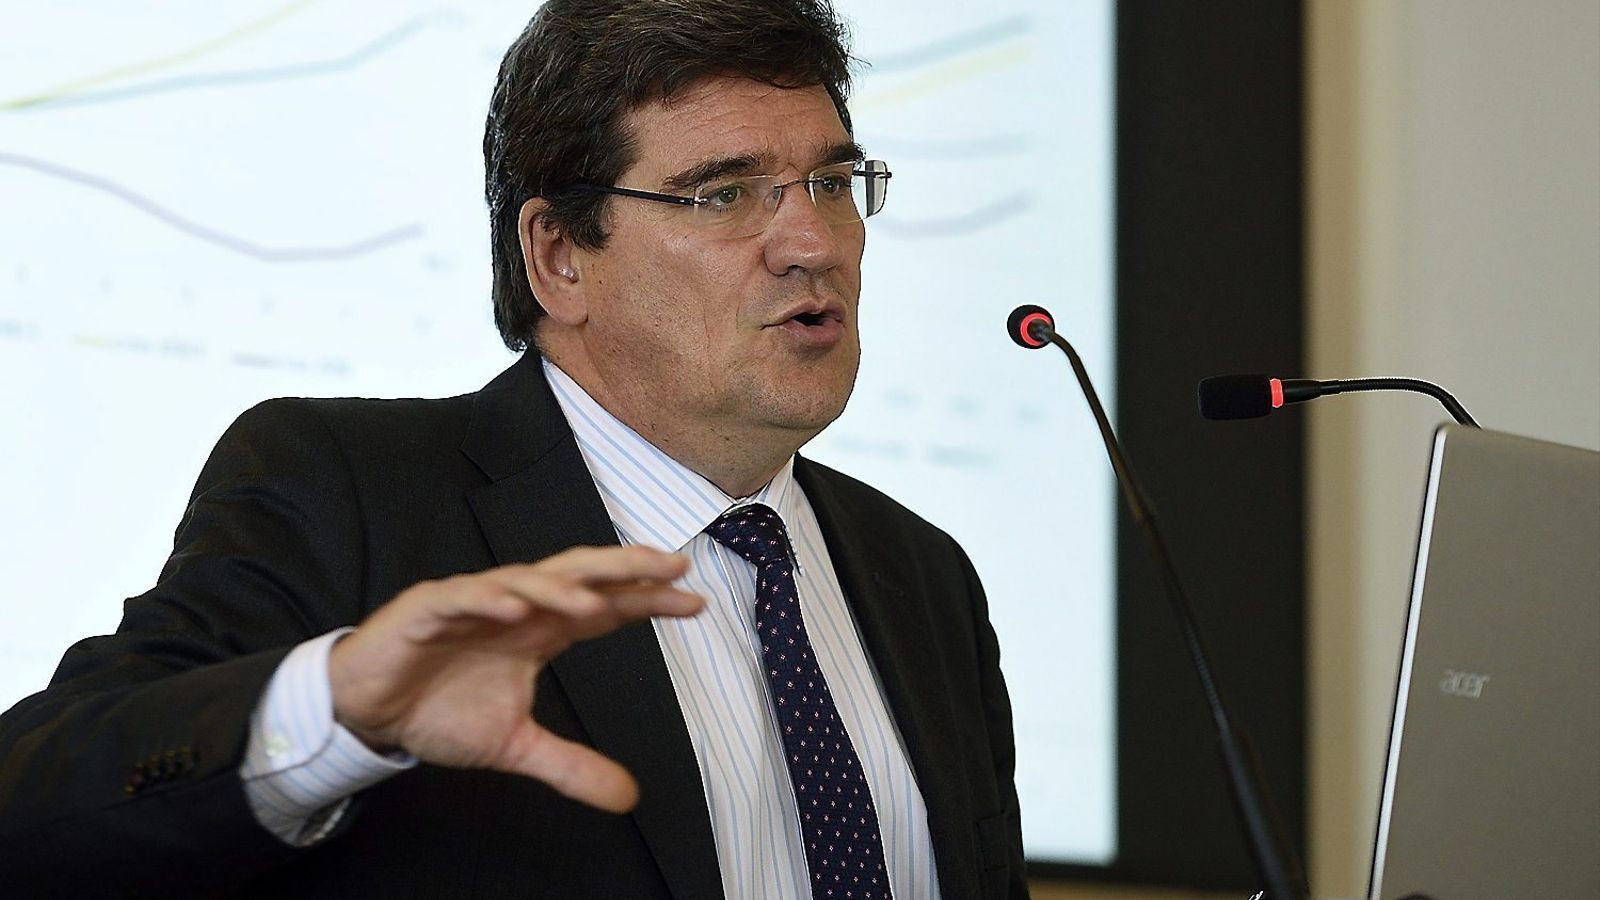 El president de l'Airef va explicar que amb la prima de risc de Bèlgica Espanya s'estalviaria 10.000 milions a l'hora de finançar-se.